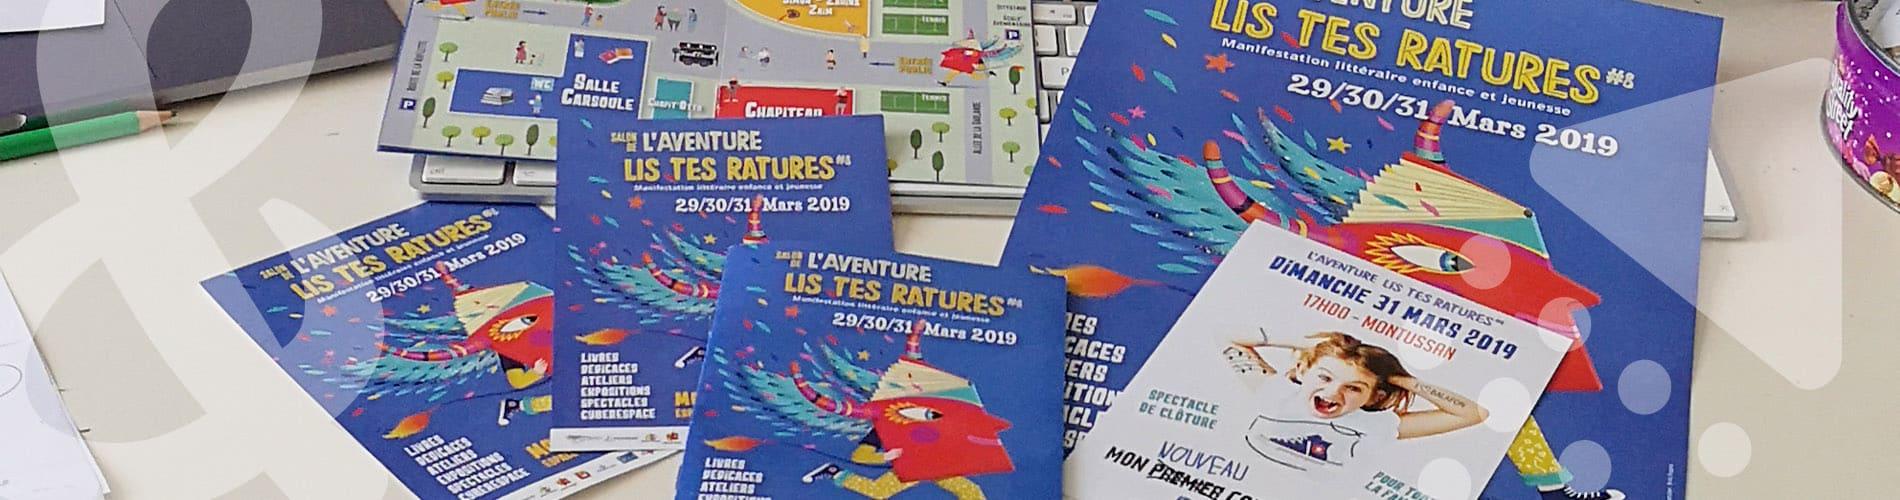 Up&Co Lis Tes Ratures manifestation littéraire enfance et jeunesse - Communcauté de Communes de Beychac-et-Cailleau